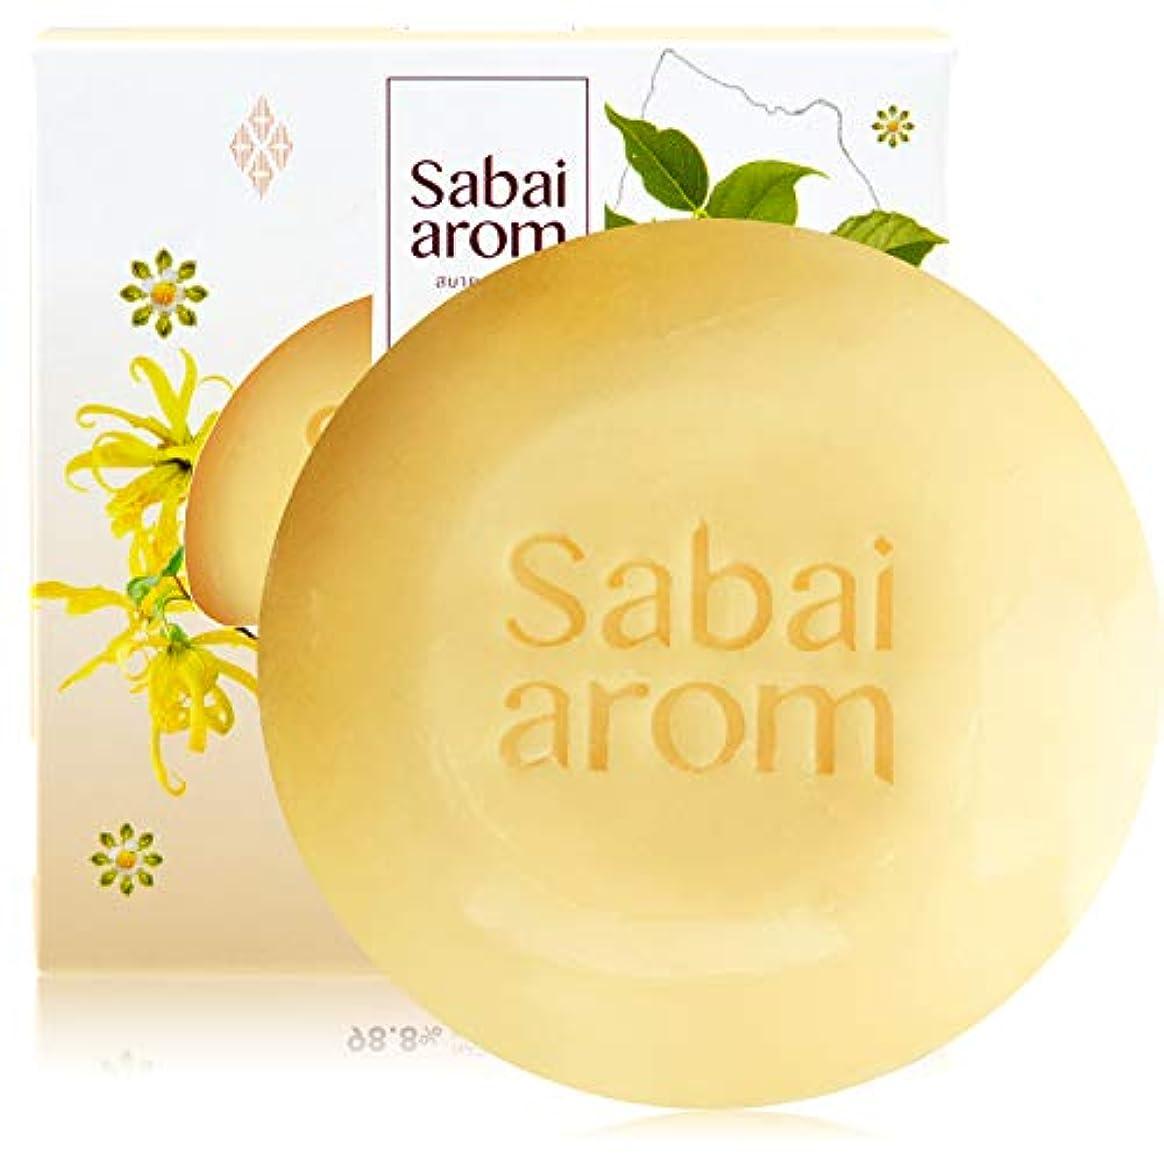 宿題をするソートさておきサバイアロム(Sabai-arom) ロイヤル サイアミーズ ブロッサムズ フェイス&ボディソープバー (石鹸) 100g【SB】【001】